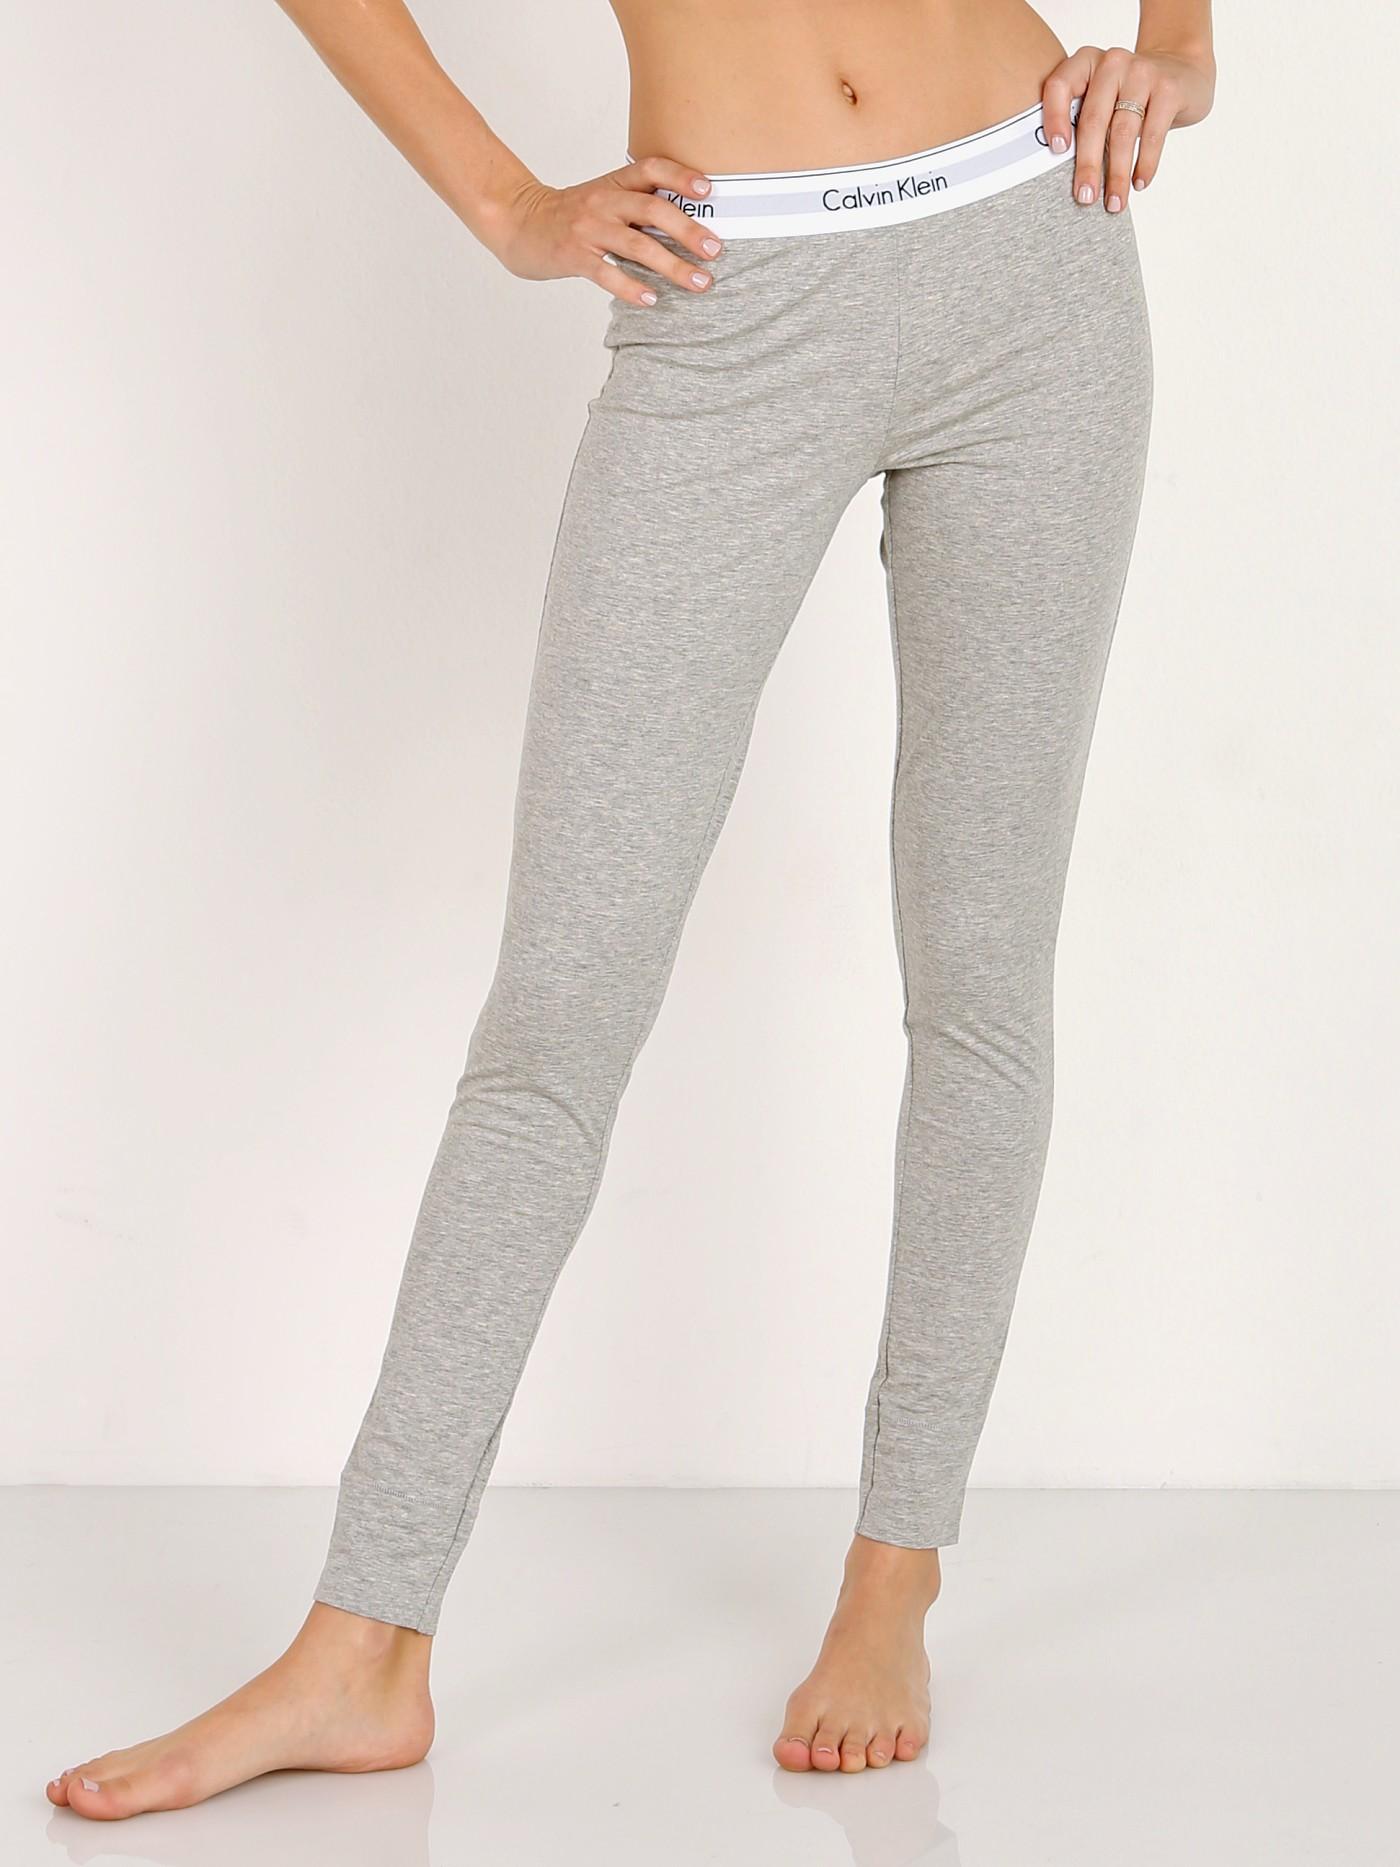 c793038813 Calvin Klein Modern Cotton Legging Grey D1632 - Free Shipping at Largo Drive